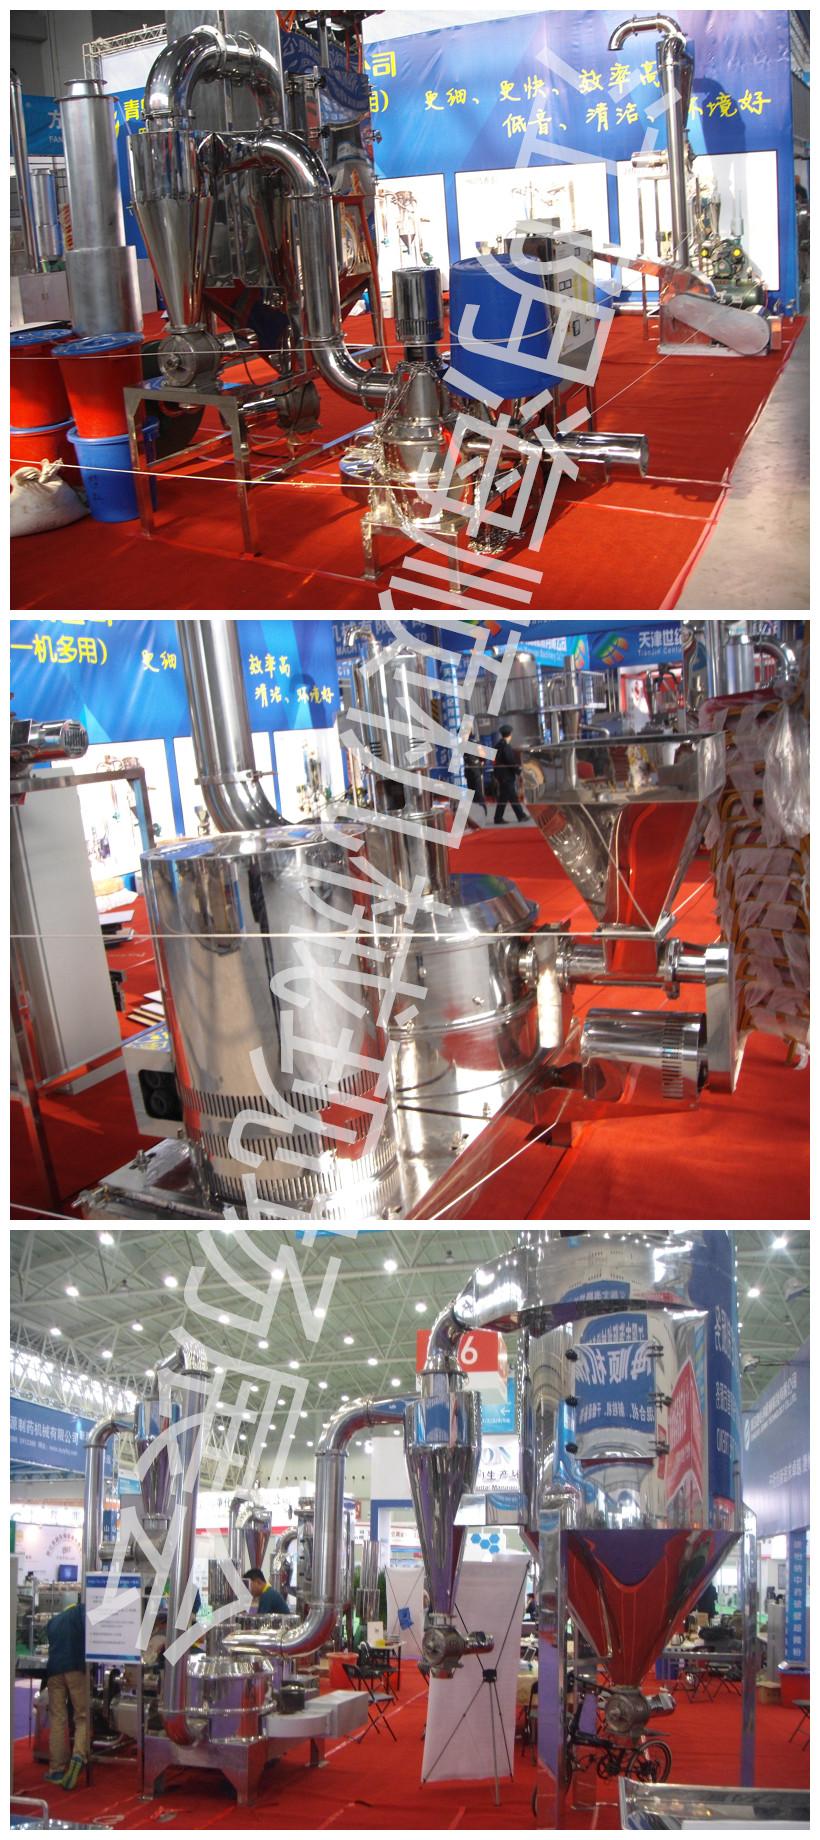 辣椒酱粉碎机,芝麻酱粉碎机,上海粉碎机厂家制造示例图14